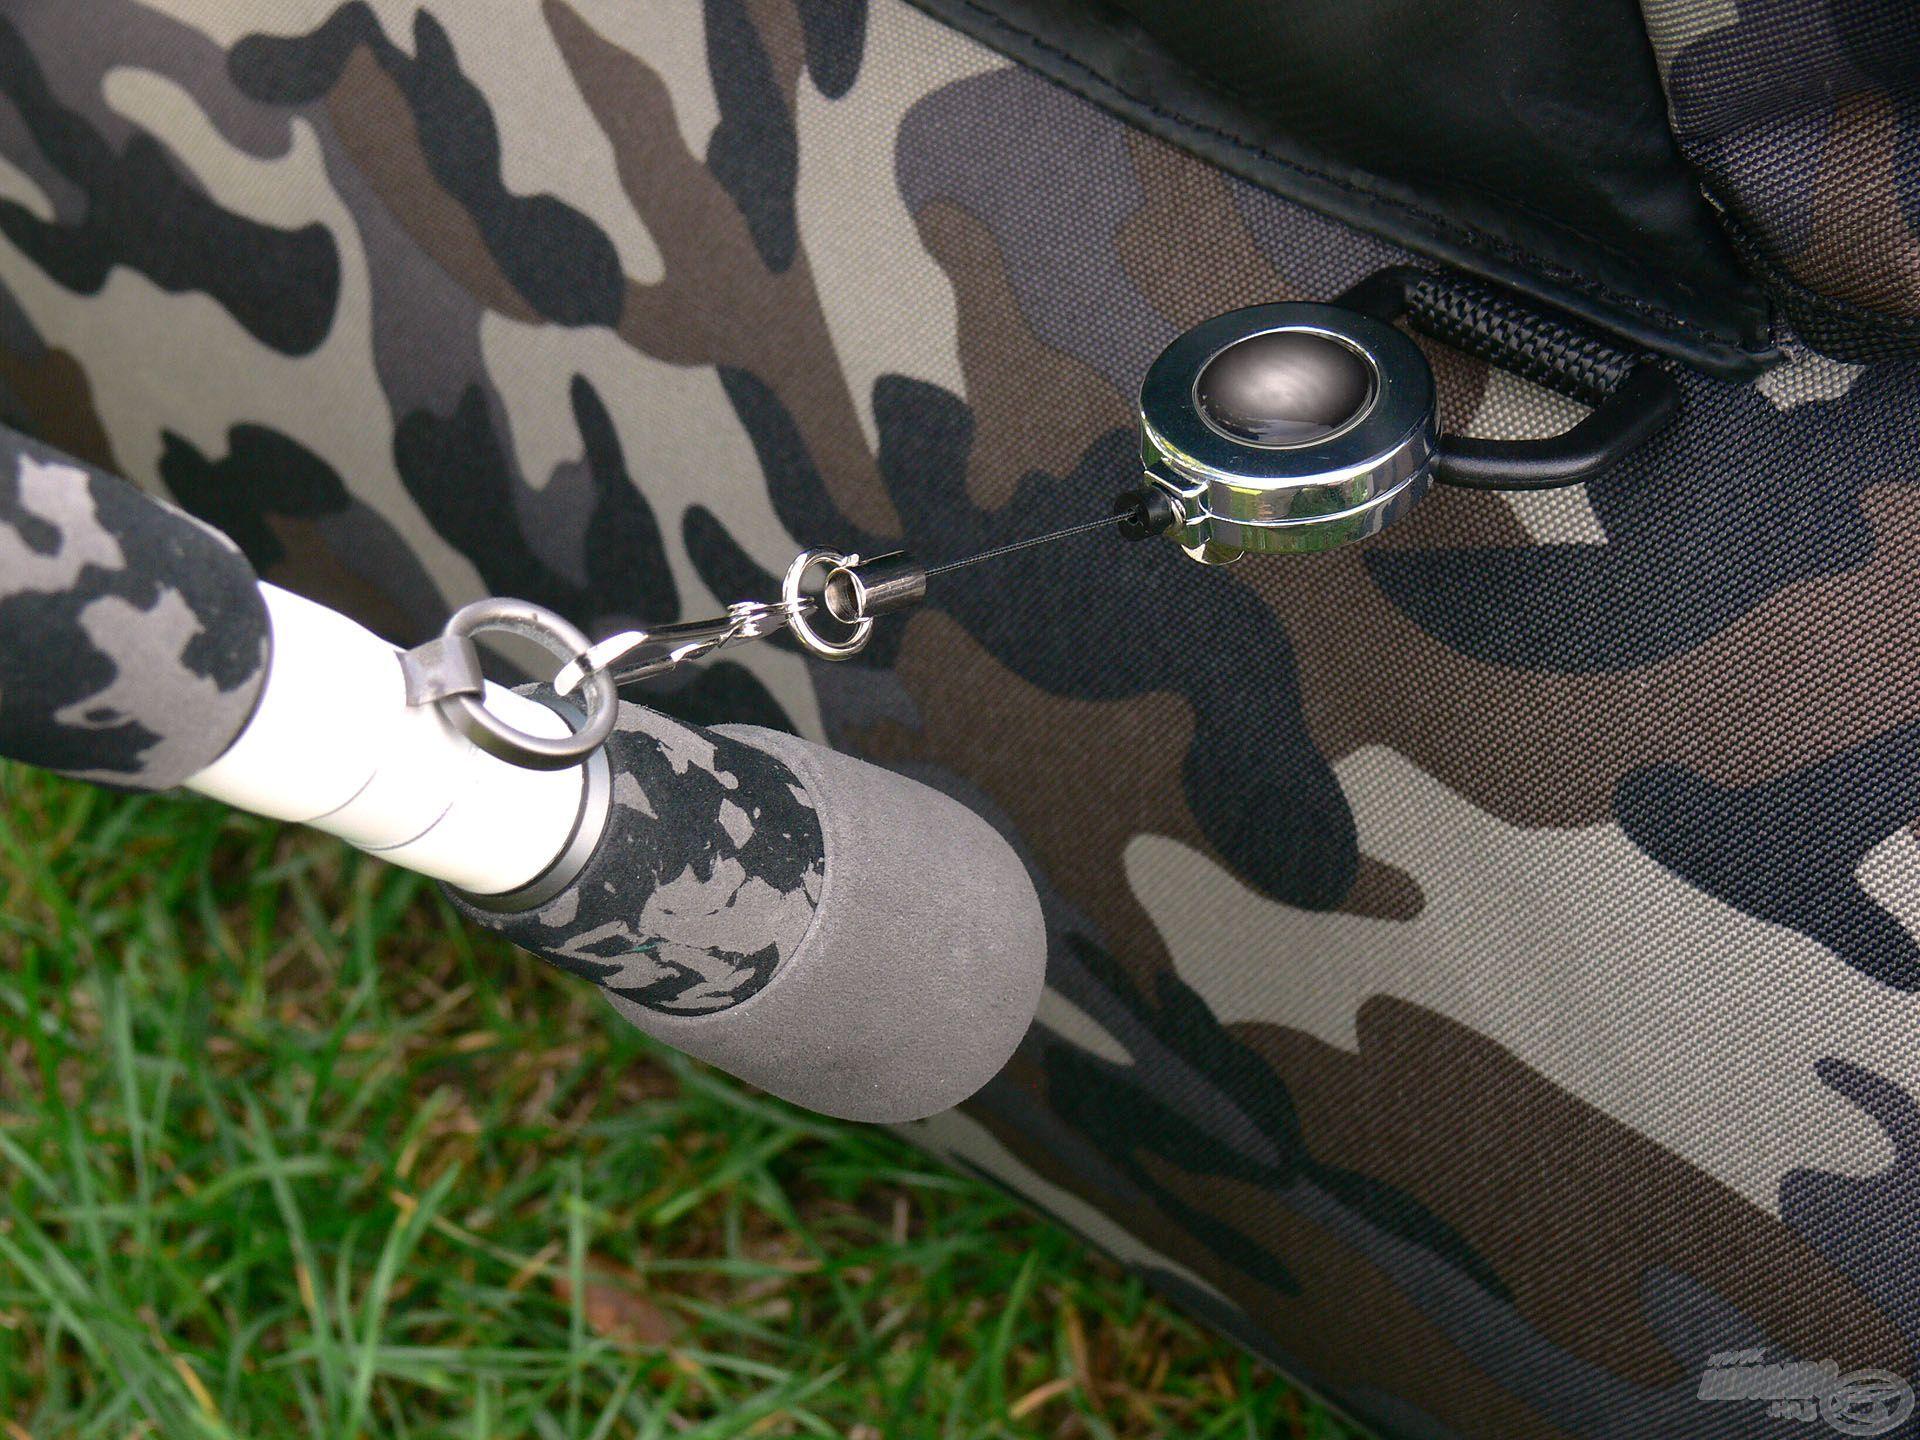 Például egy karabiner segítségével a botunkat is rögzíthetjük ezek valamelyikébe